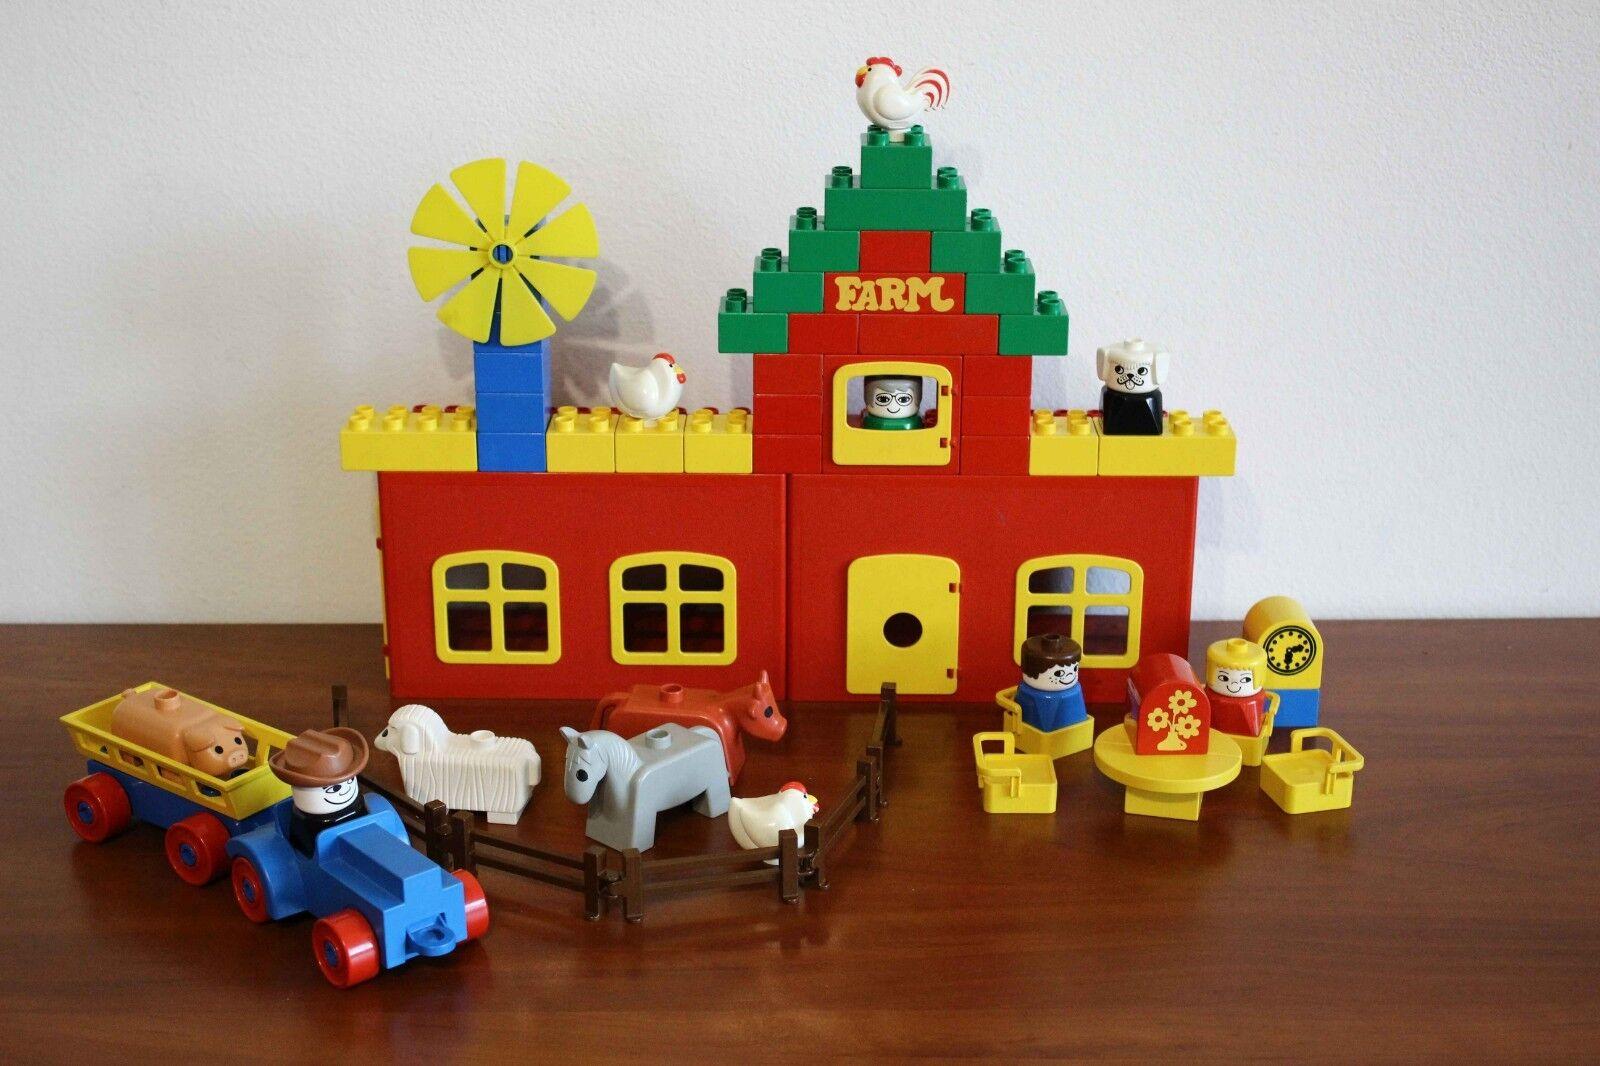 Lego Duplo Town Vintage Set 045-1 Farm - very rare